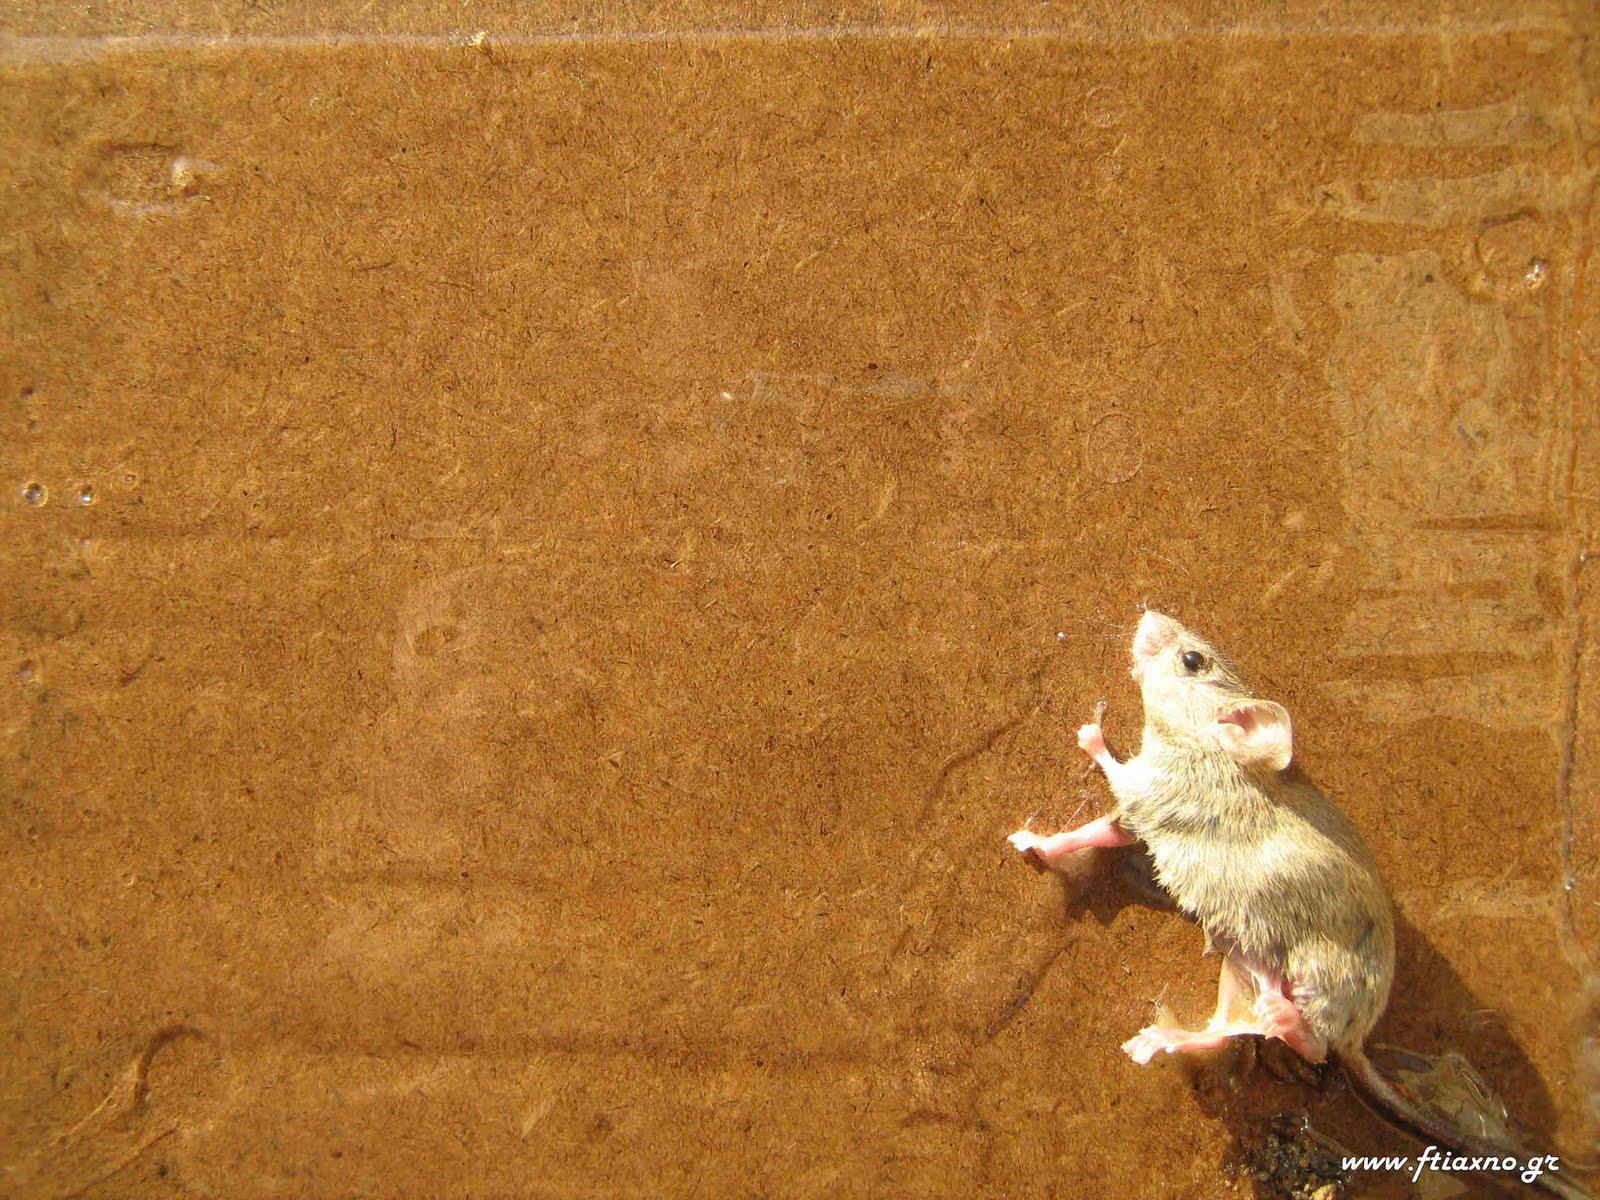 Φυσικὴ προστασία ἀπὸ ποντίκια, ψεῖρες καὶ λοιπὰ ἔντομα.